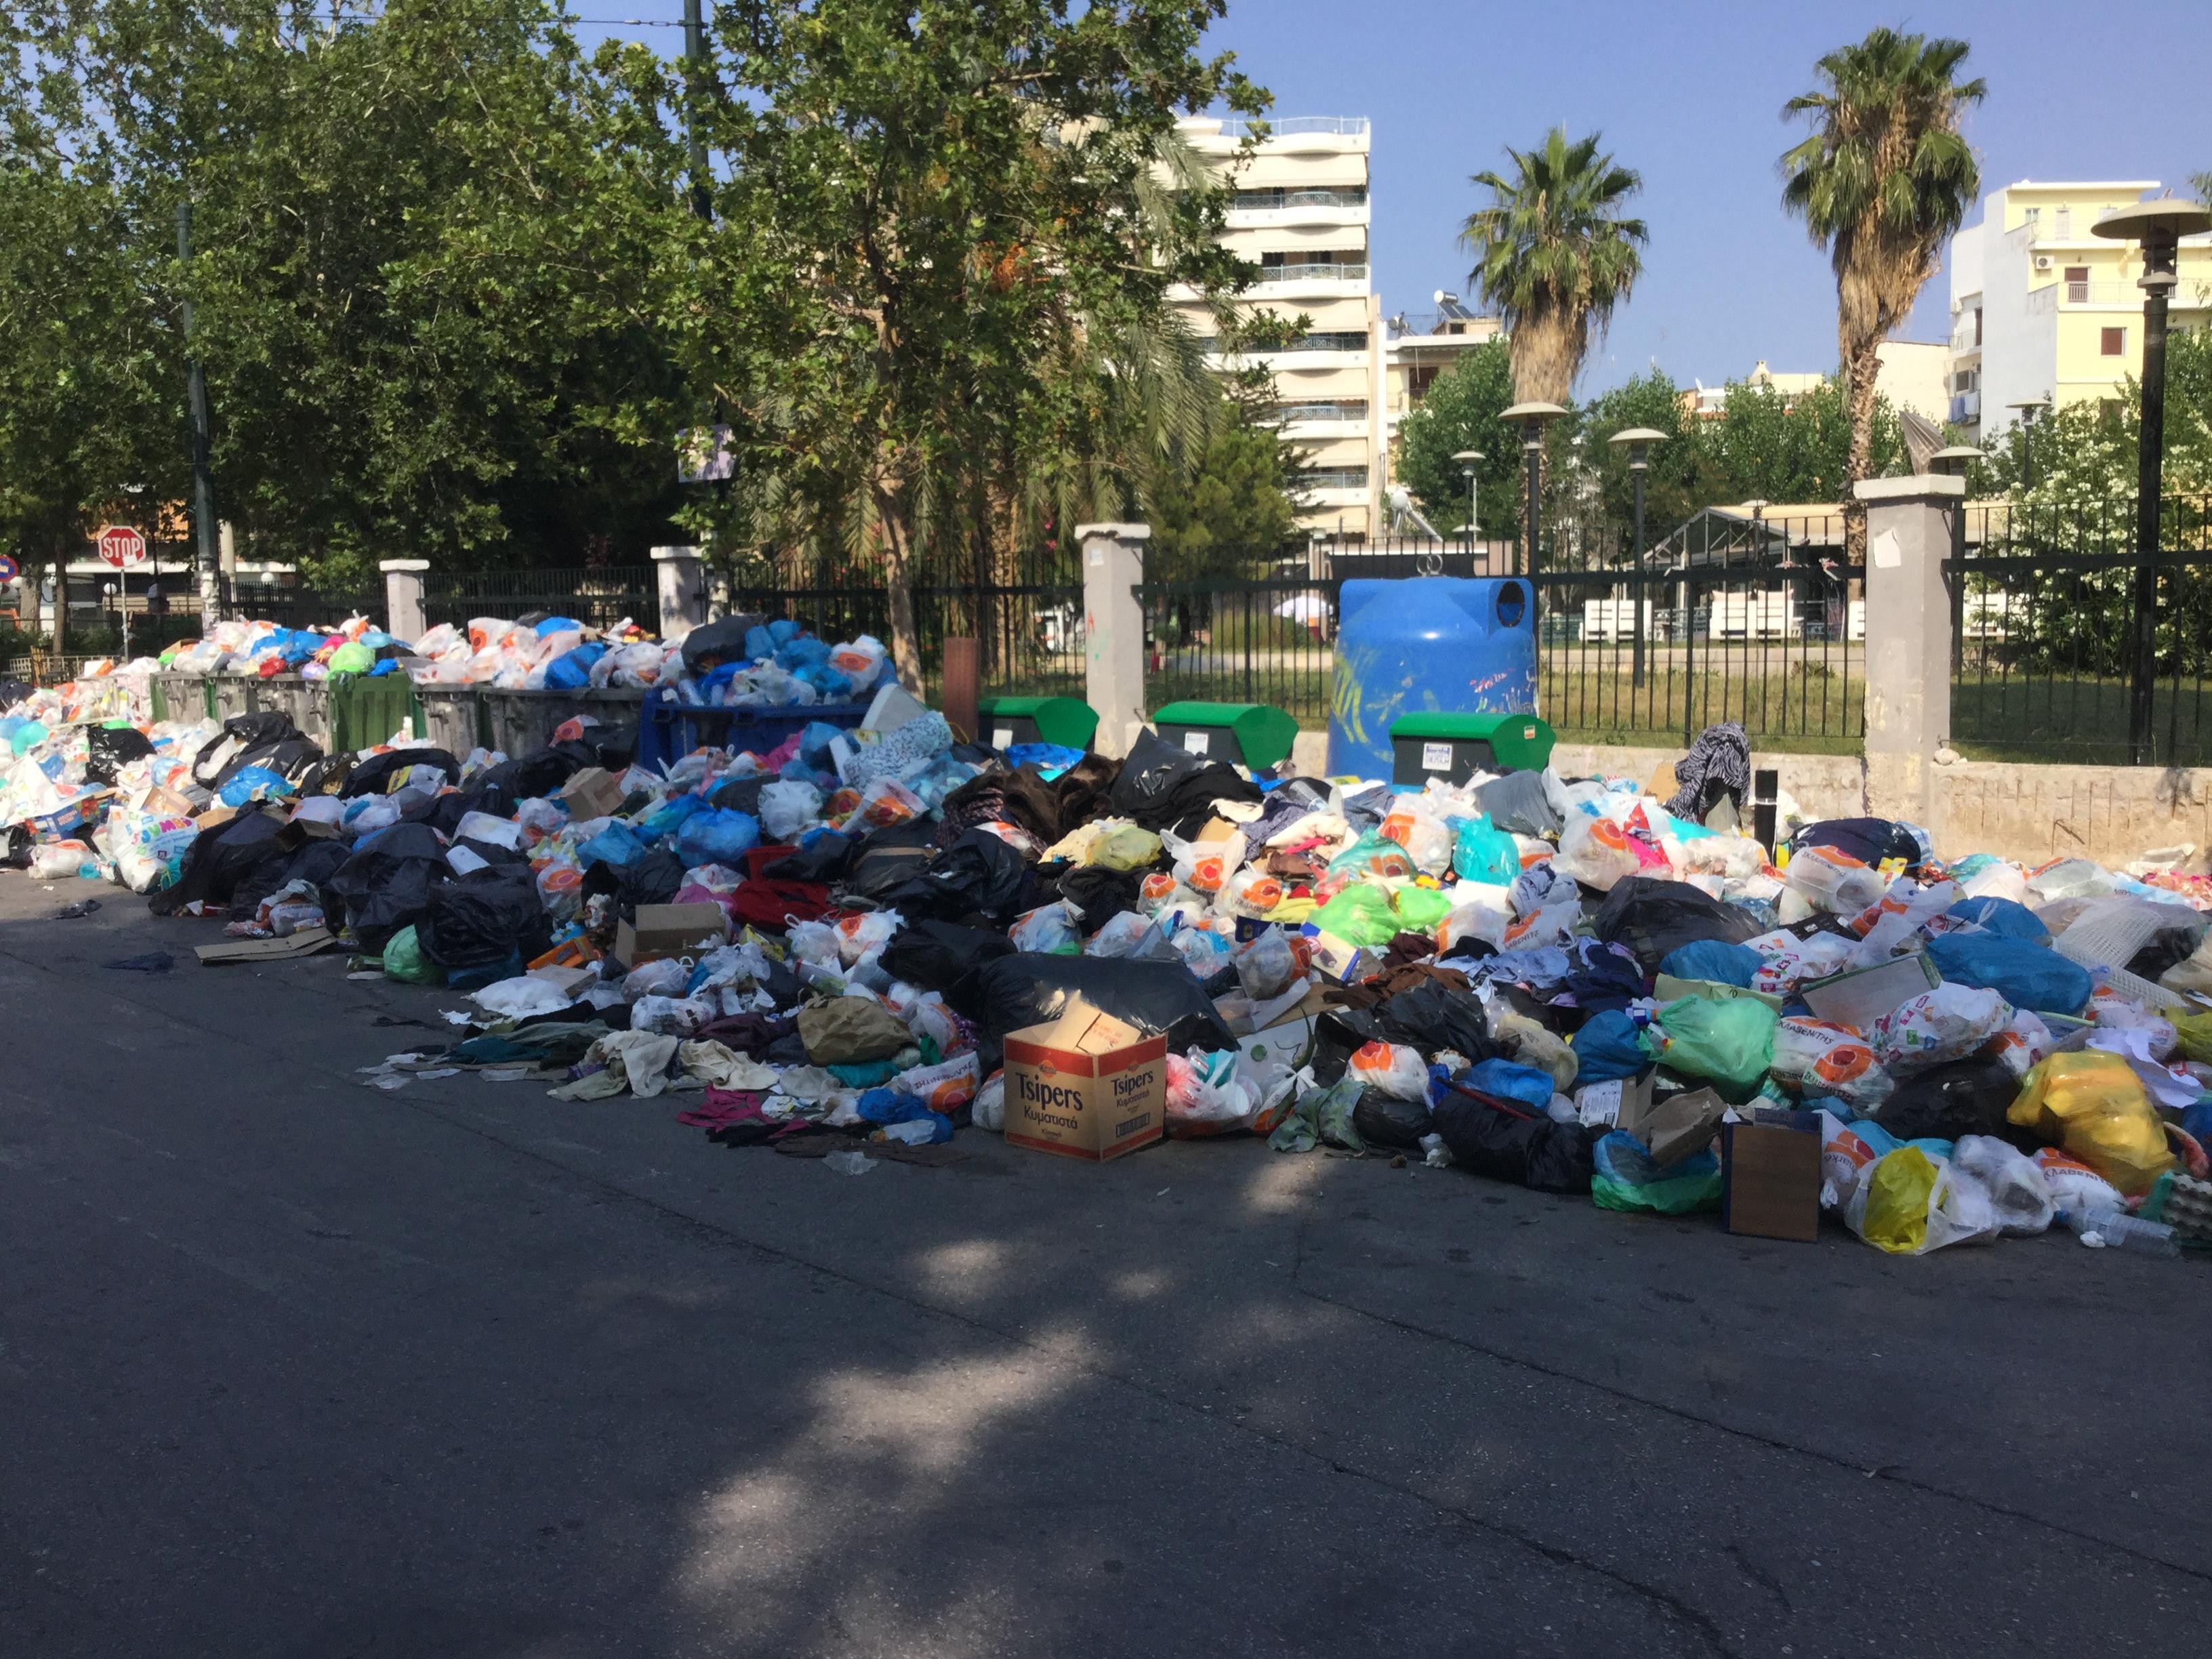 Τζανακόπουλος: Η βέλτιστη λύση είναι νέα 8μηνη σύμβαση και ταυτόχρονη προκήρυξη του διαγωνισμού για μόνιμες θέσεις